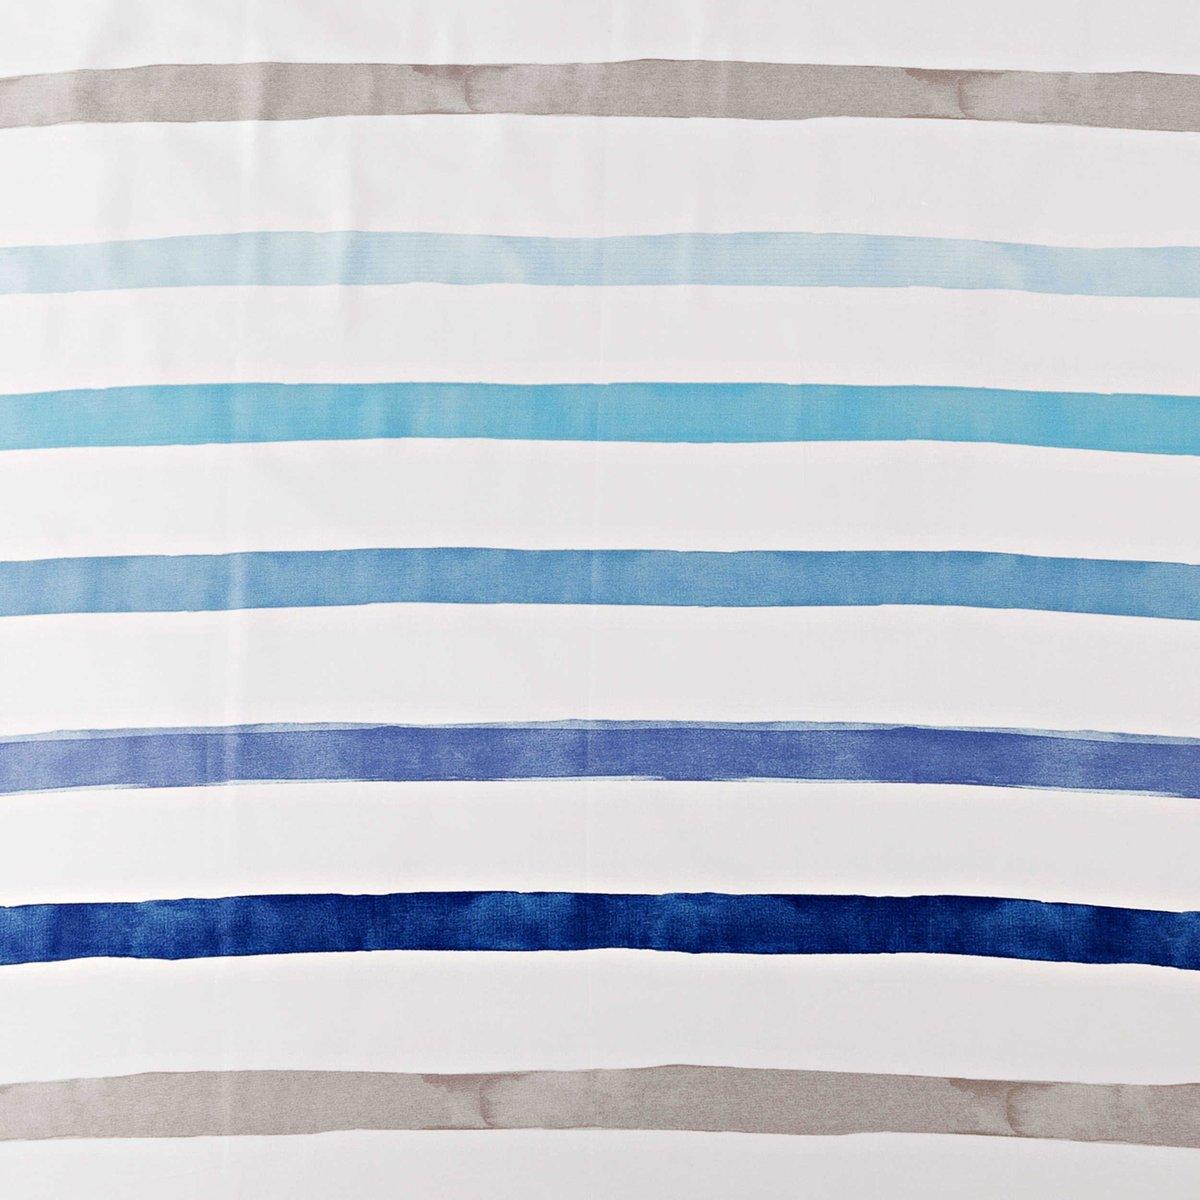 Bild 4 von Esprit Bettwäsche   Iva 135 x 200 cm